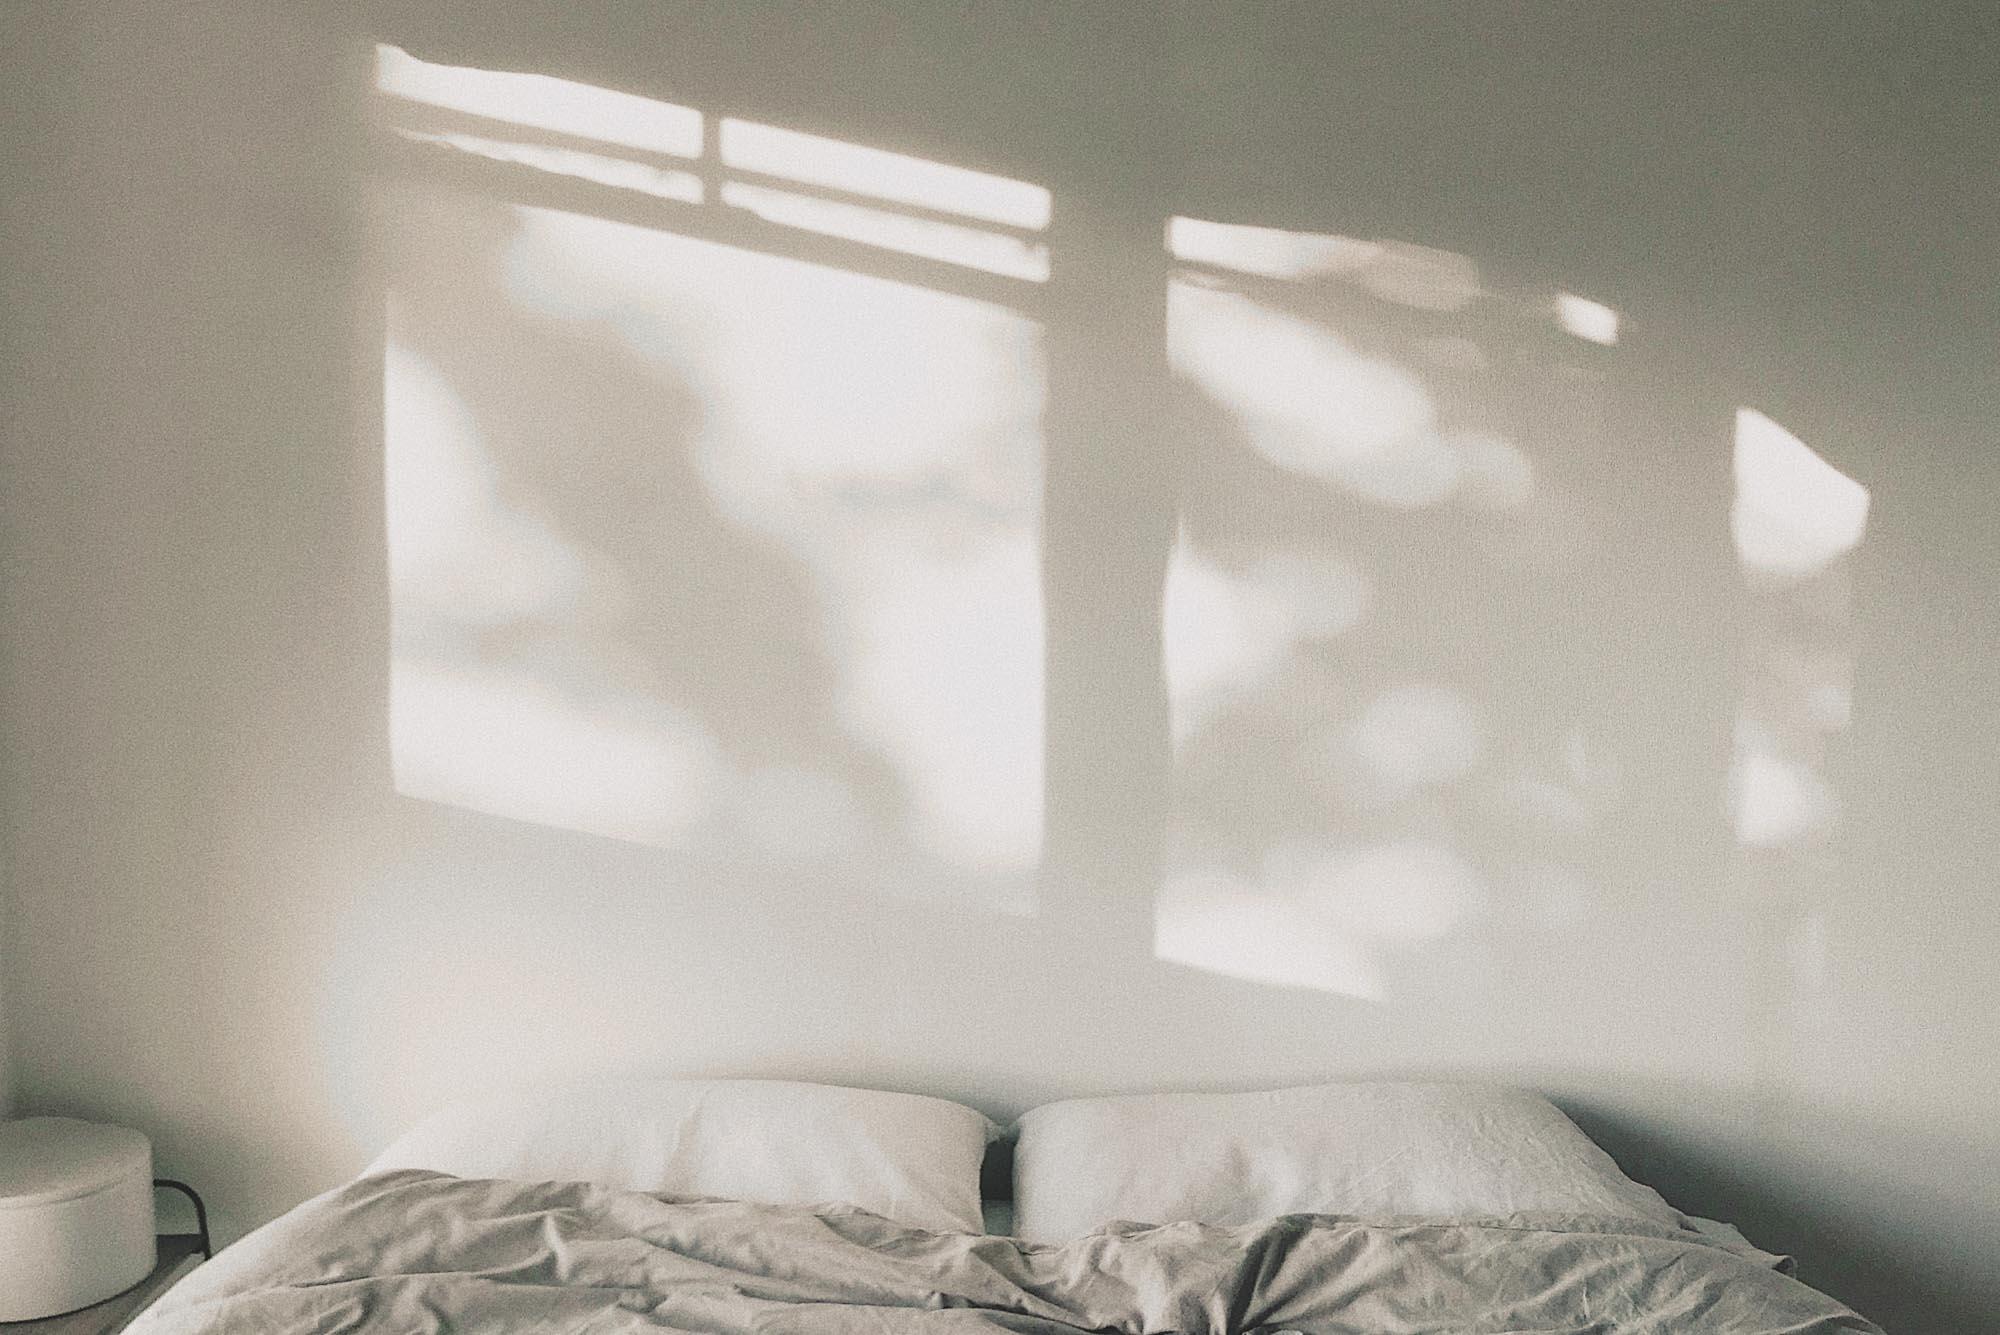 こちらはベッドルーム。趣味の写真がきっかけで知り合ったお二人。ダイニングに射す光や、ベッドルームに差し込む木漏れ日など、毎日の暮らしの中で「いいなぁ」とカメラを向けたくなる瞬間がたくさん増えたそう。